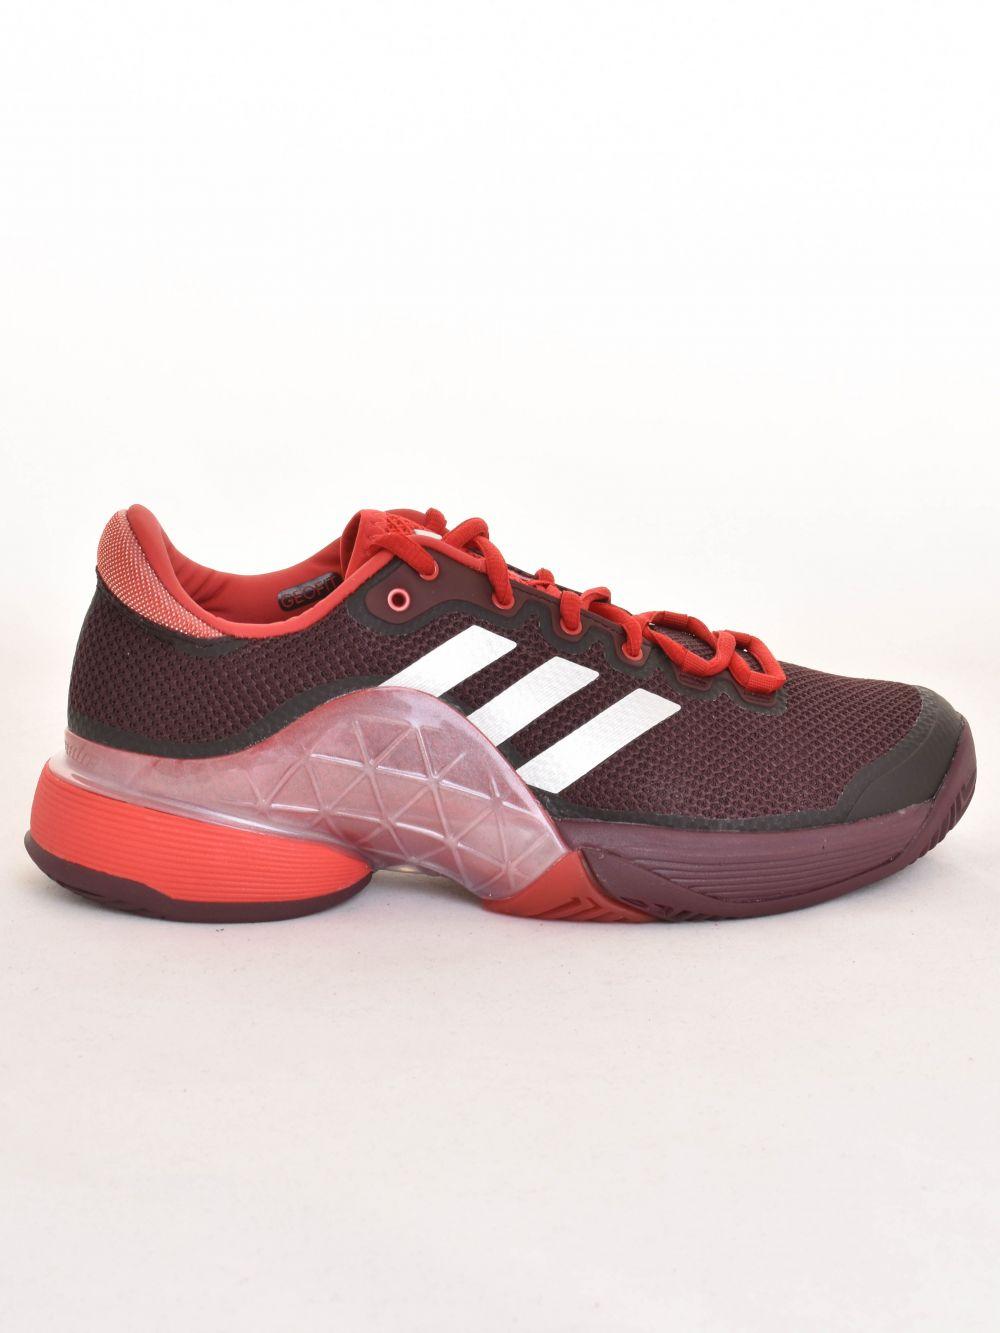 Adidas férfi cipő BARRICADE2017